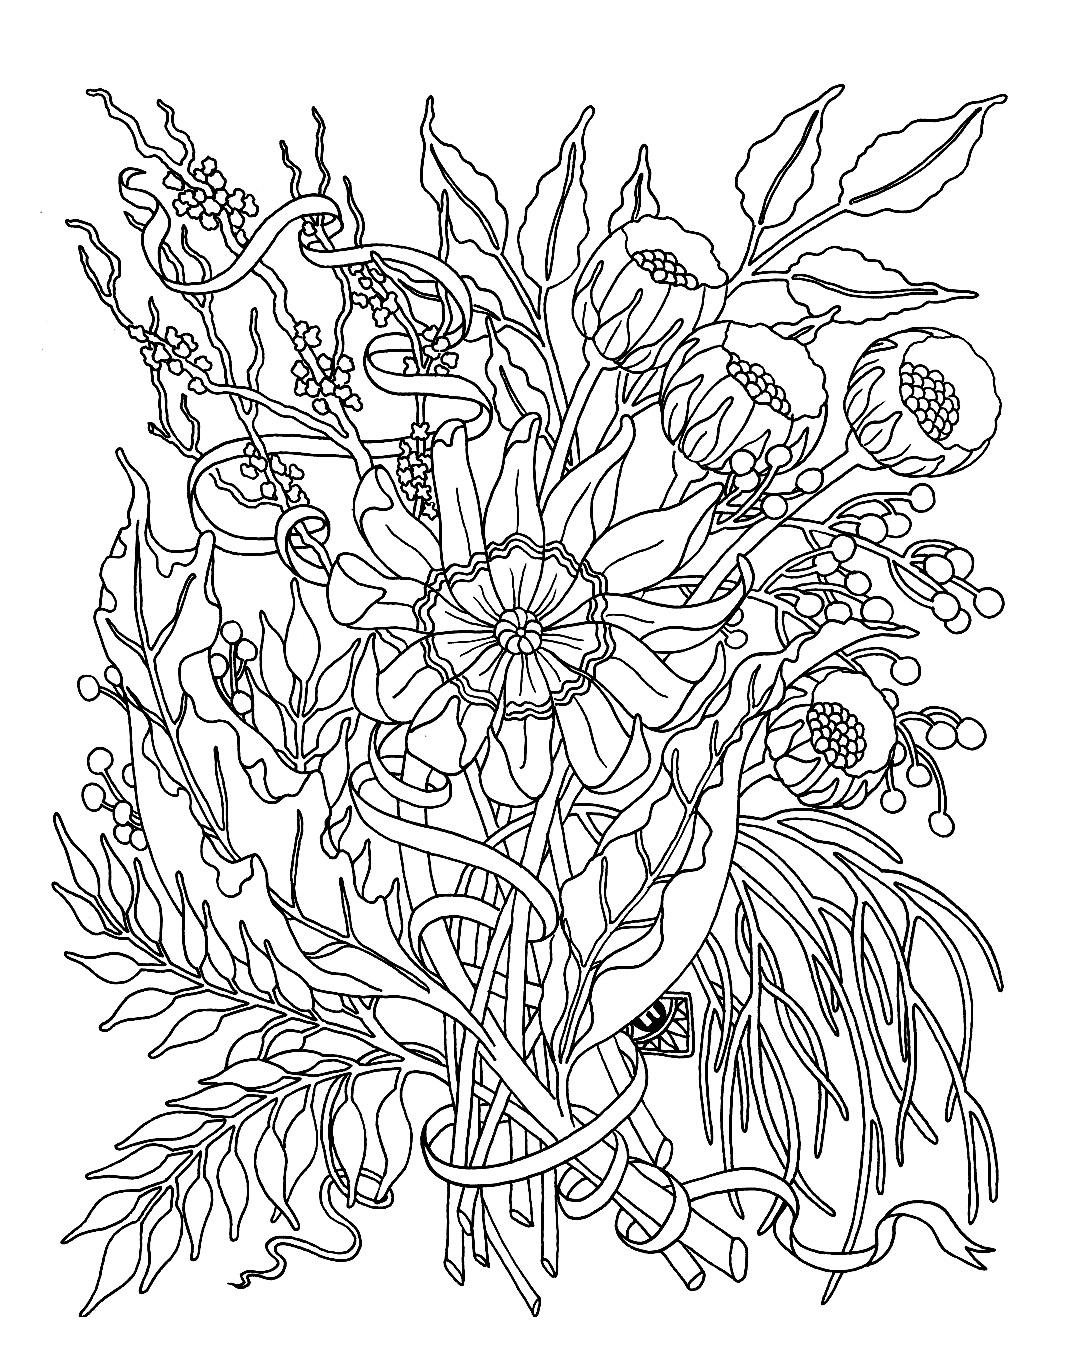 Pour adulte fleurs jardin fleurs et v g tation coloriages difficiles pour adultes justcolor for Image de jardin a imprimer